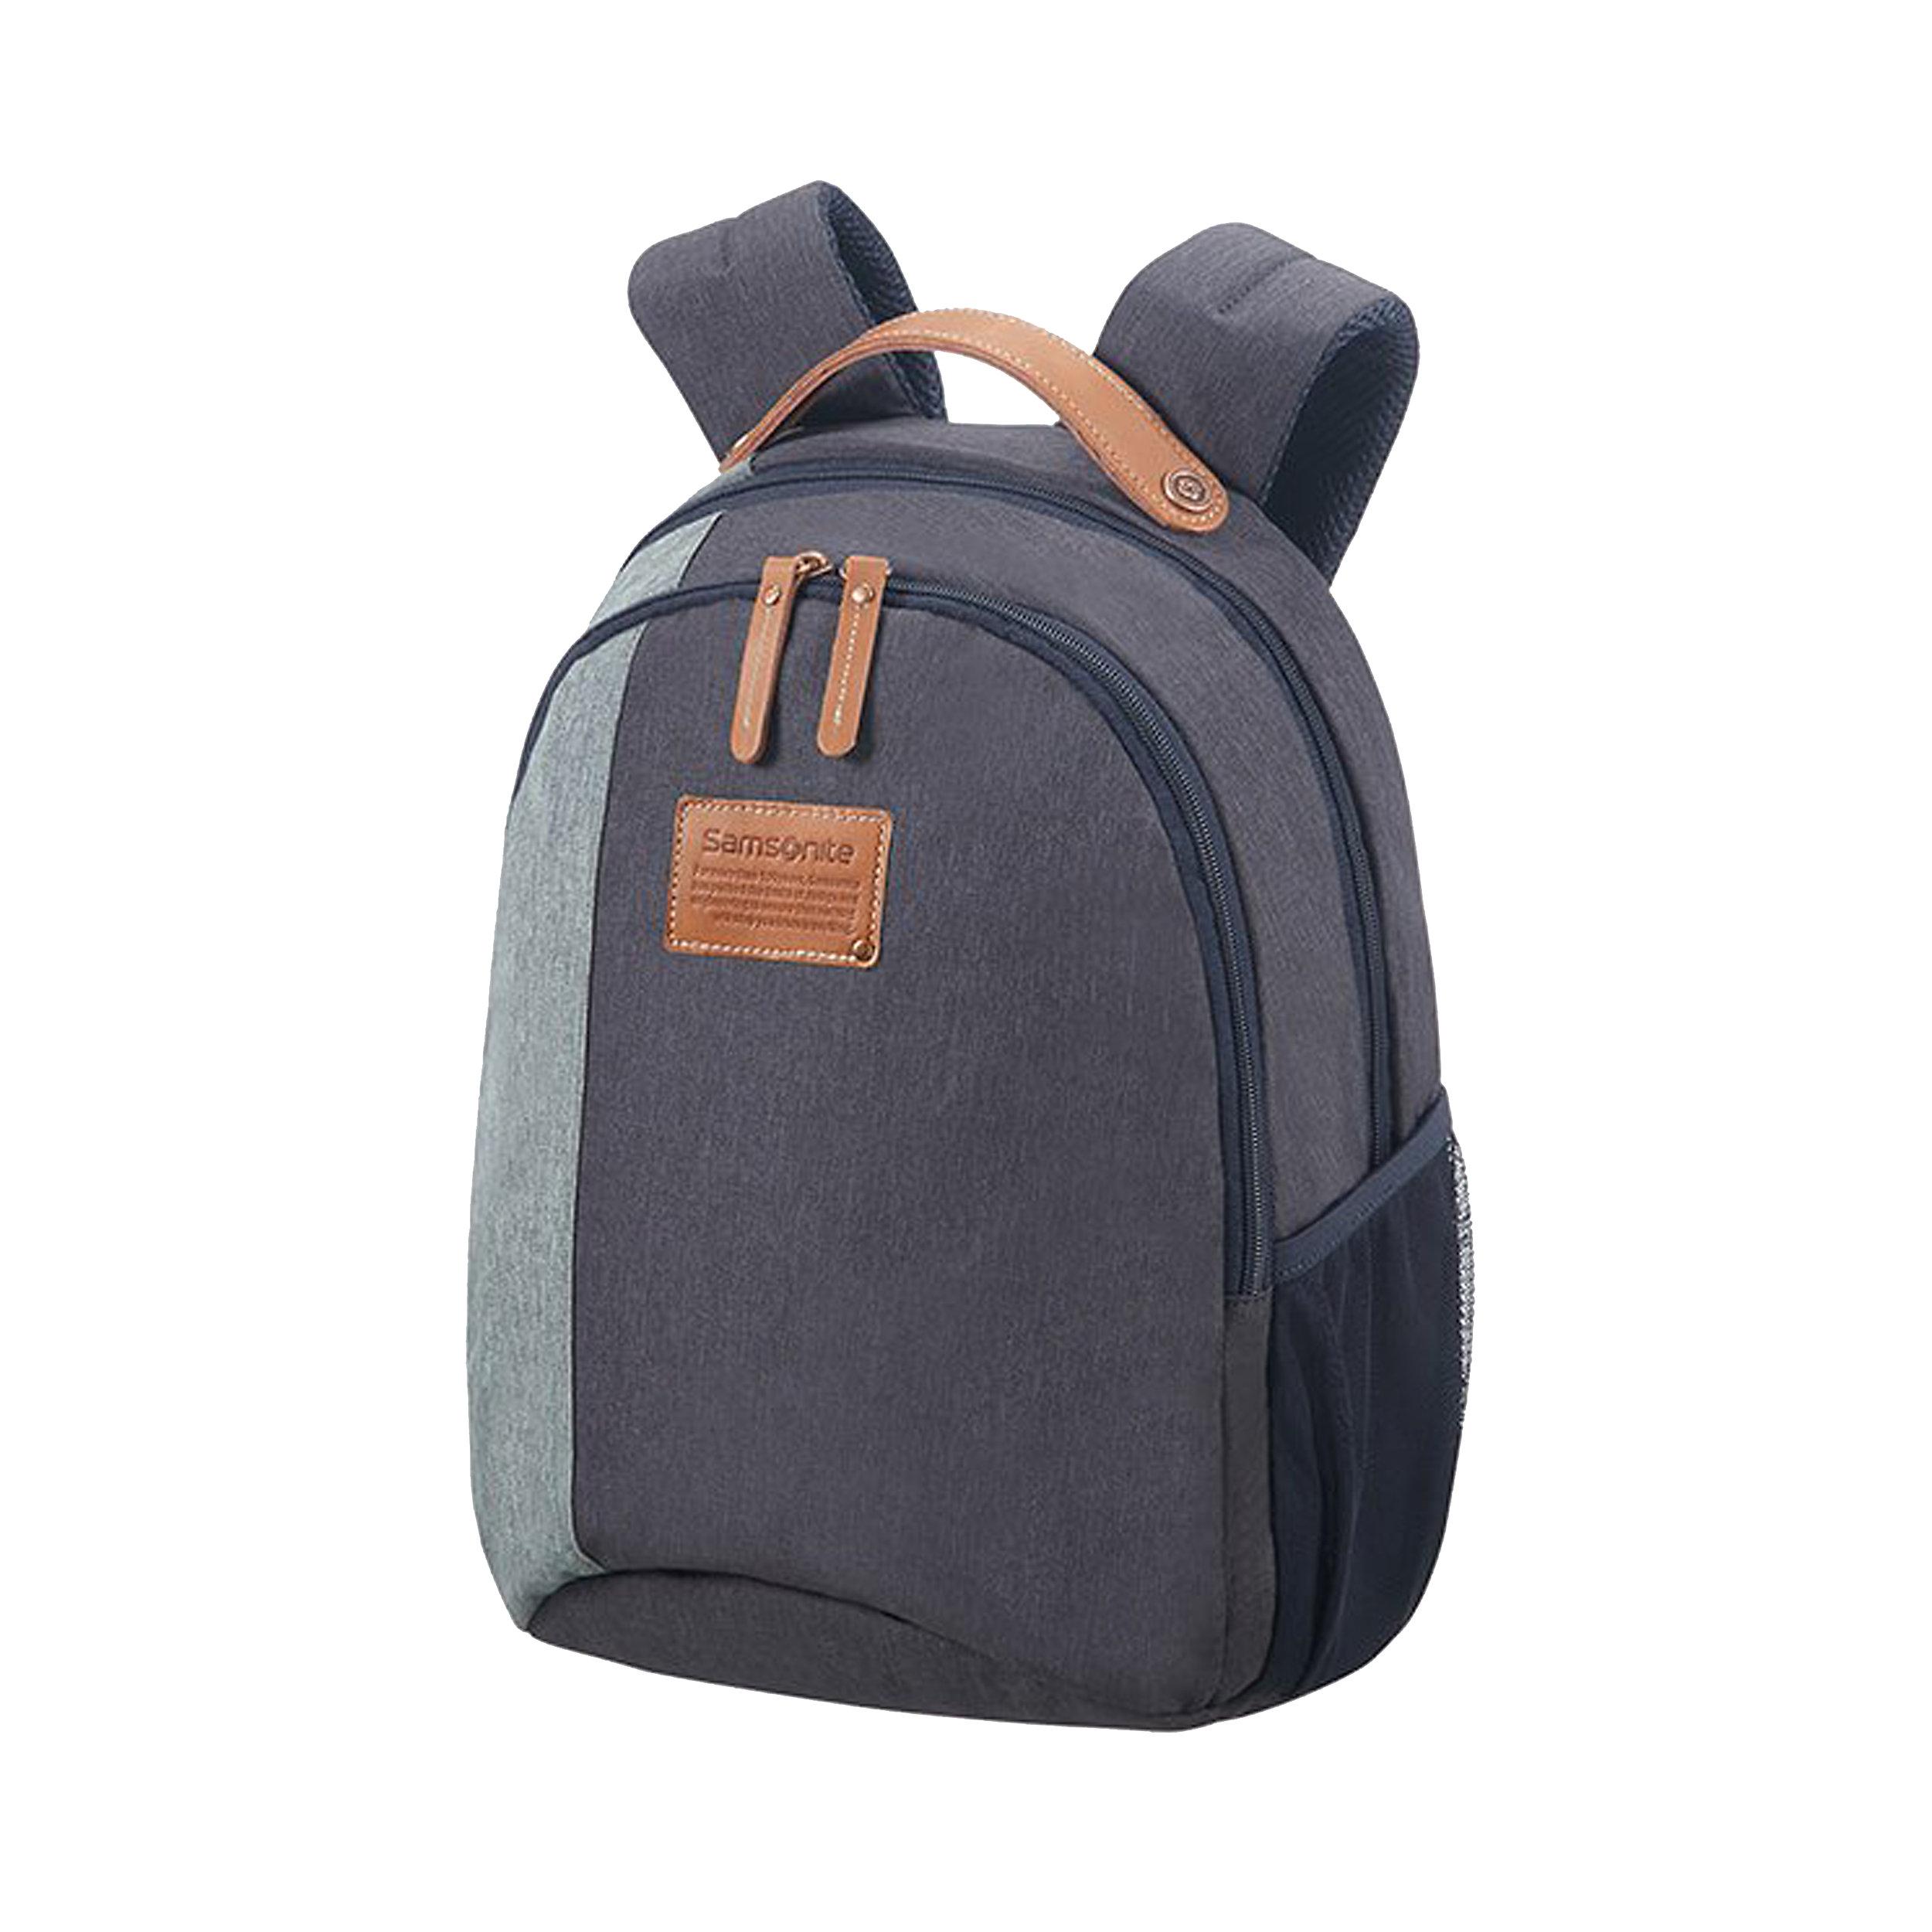 Backpack S Rewind Natural 15 Liter